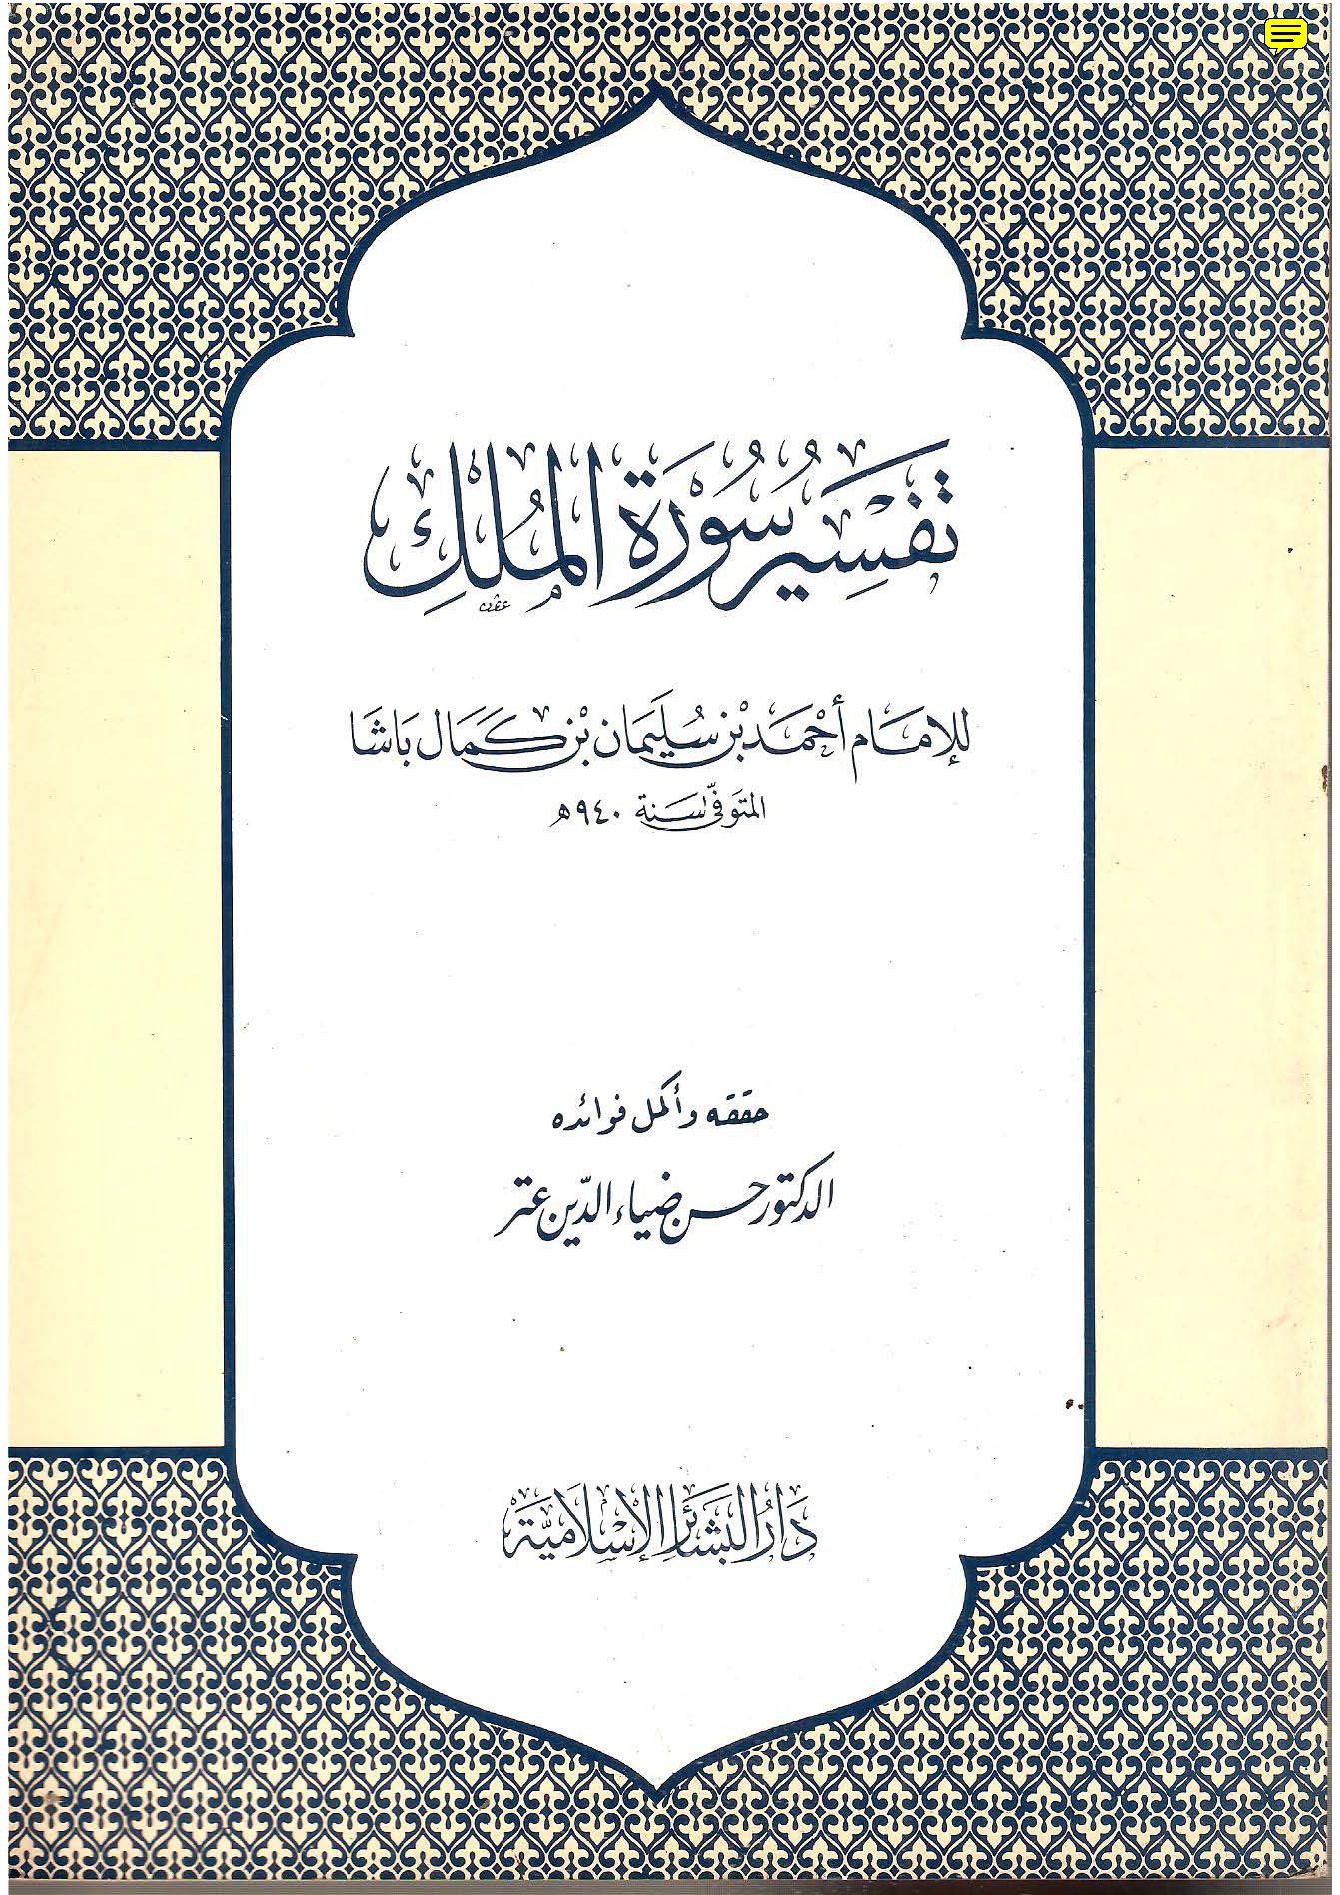 تحميل كتاب تفسير سورة الملك لـِ: الإمام شمس الدين أحمد بن سليمان بن كمال باشا (ت 940)